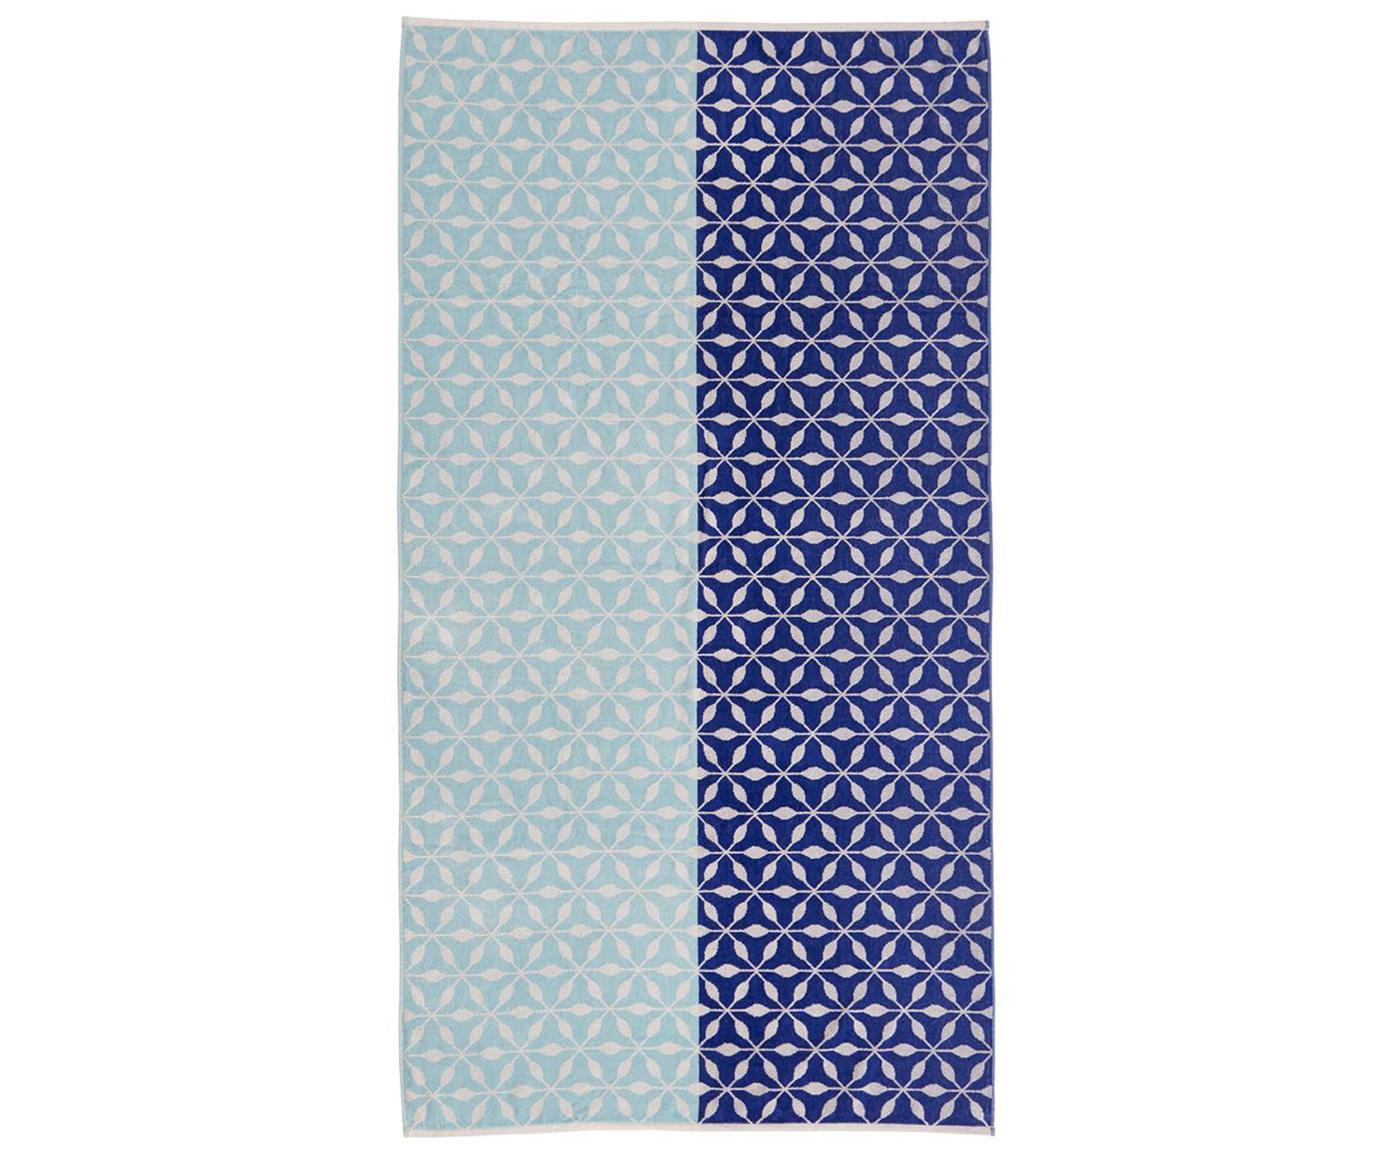 Toalla de playa Lemonade, Parte superior: velour de algodón, gramaj, Parte trasera: algodón, gramaje ligero, Azul, An 100 x L 180 cm